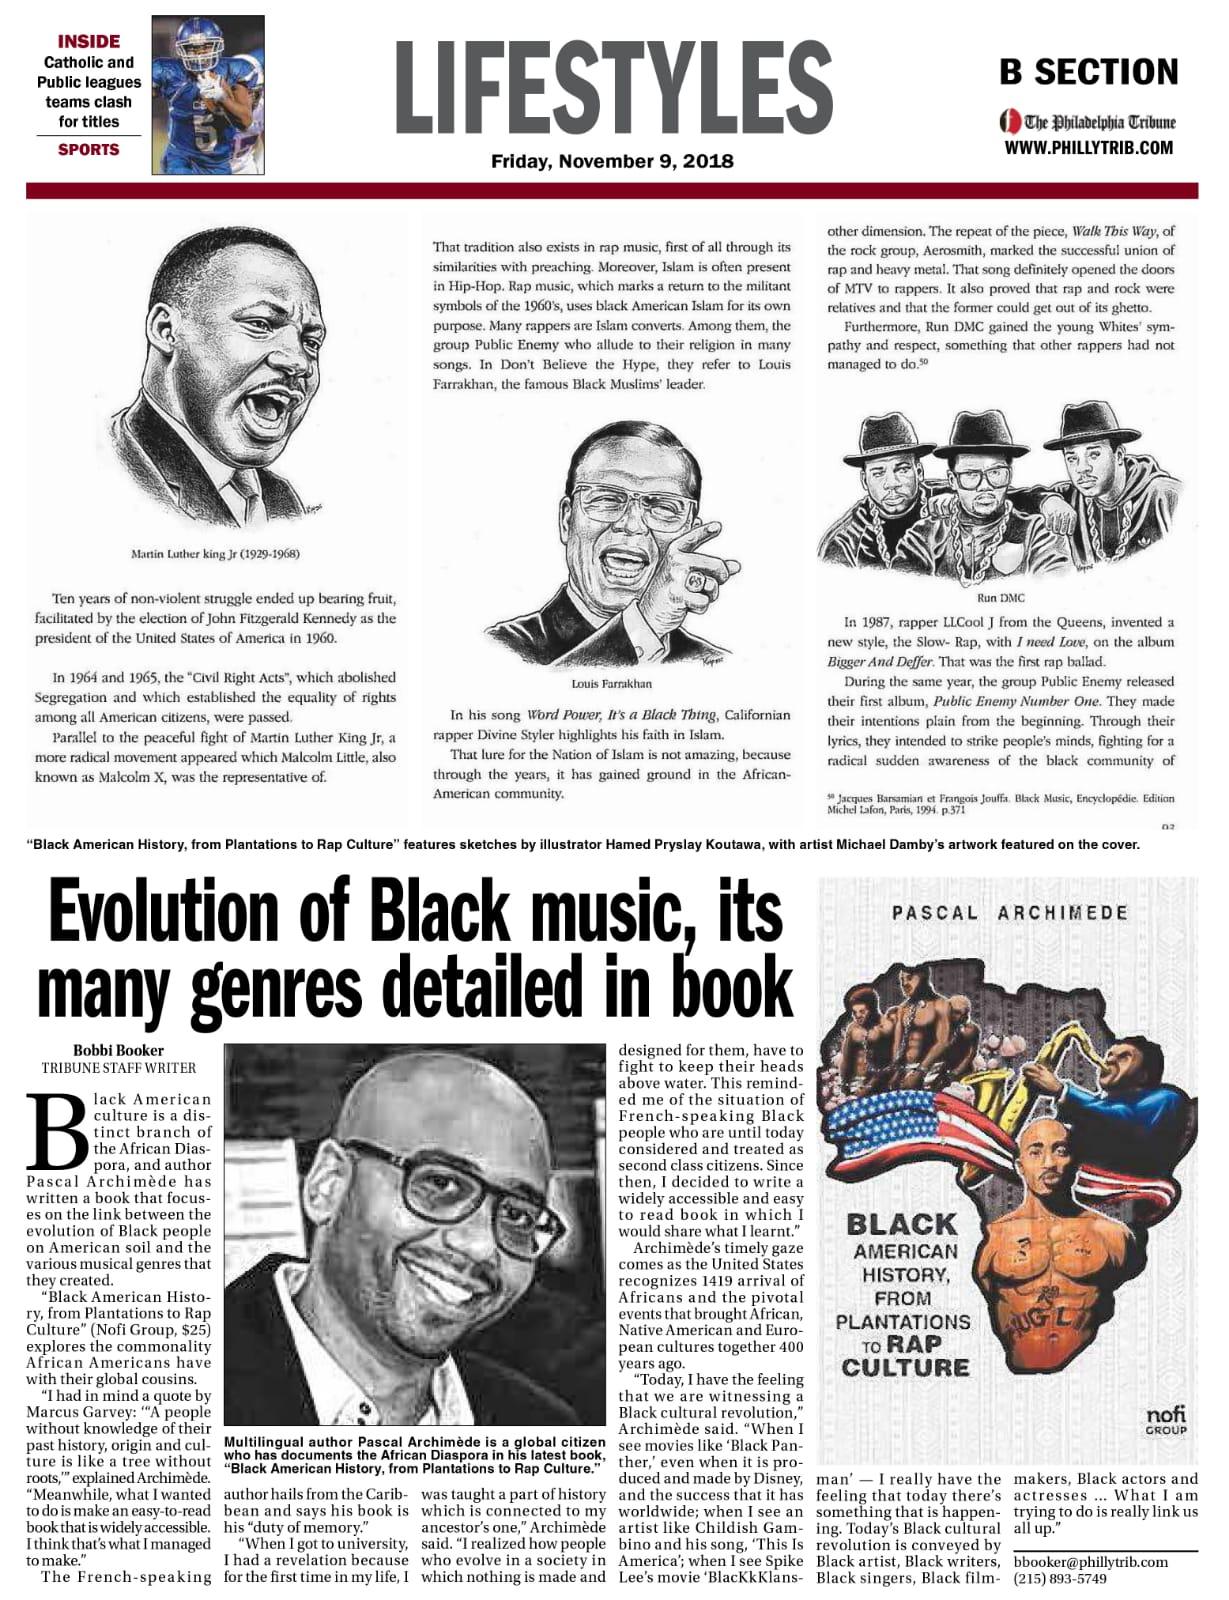 « Histoire de l'Amérique noire, des plantations à la culture rap »